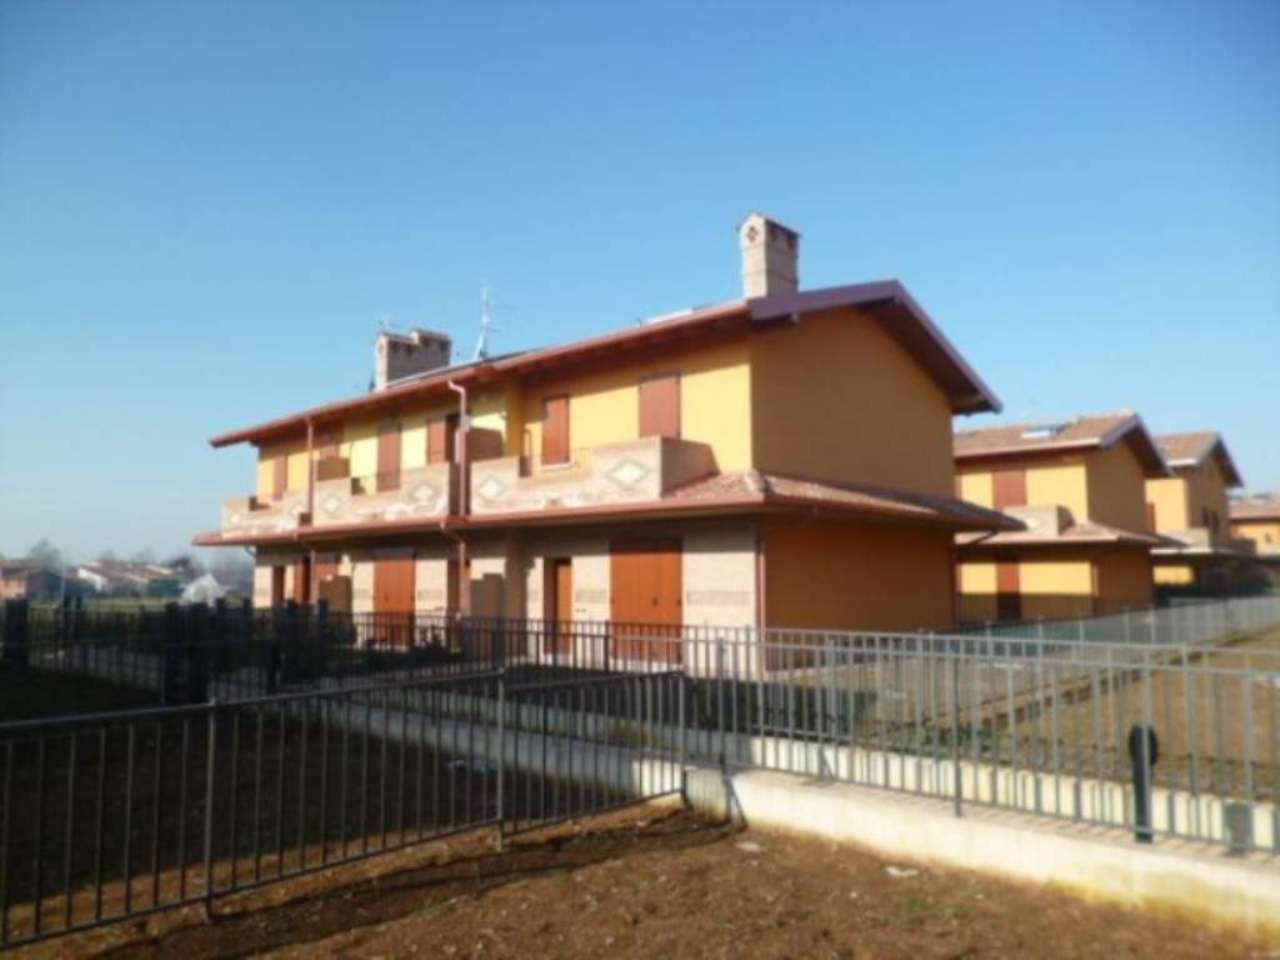 Villa in vendita a Castenedolo, 5 locali, prezzo € 320.500 | Cambio Casa.it